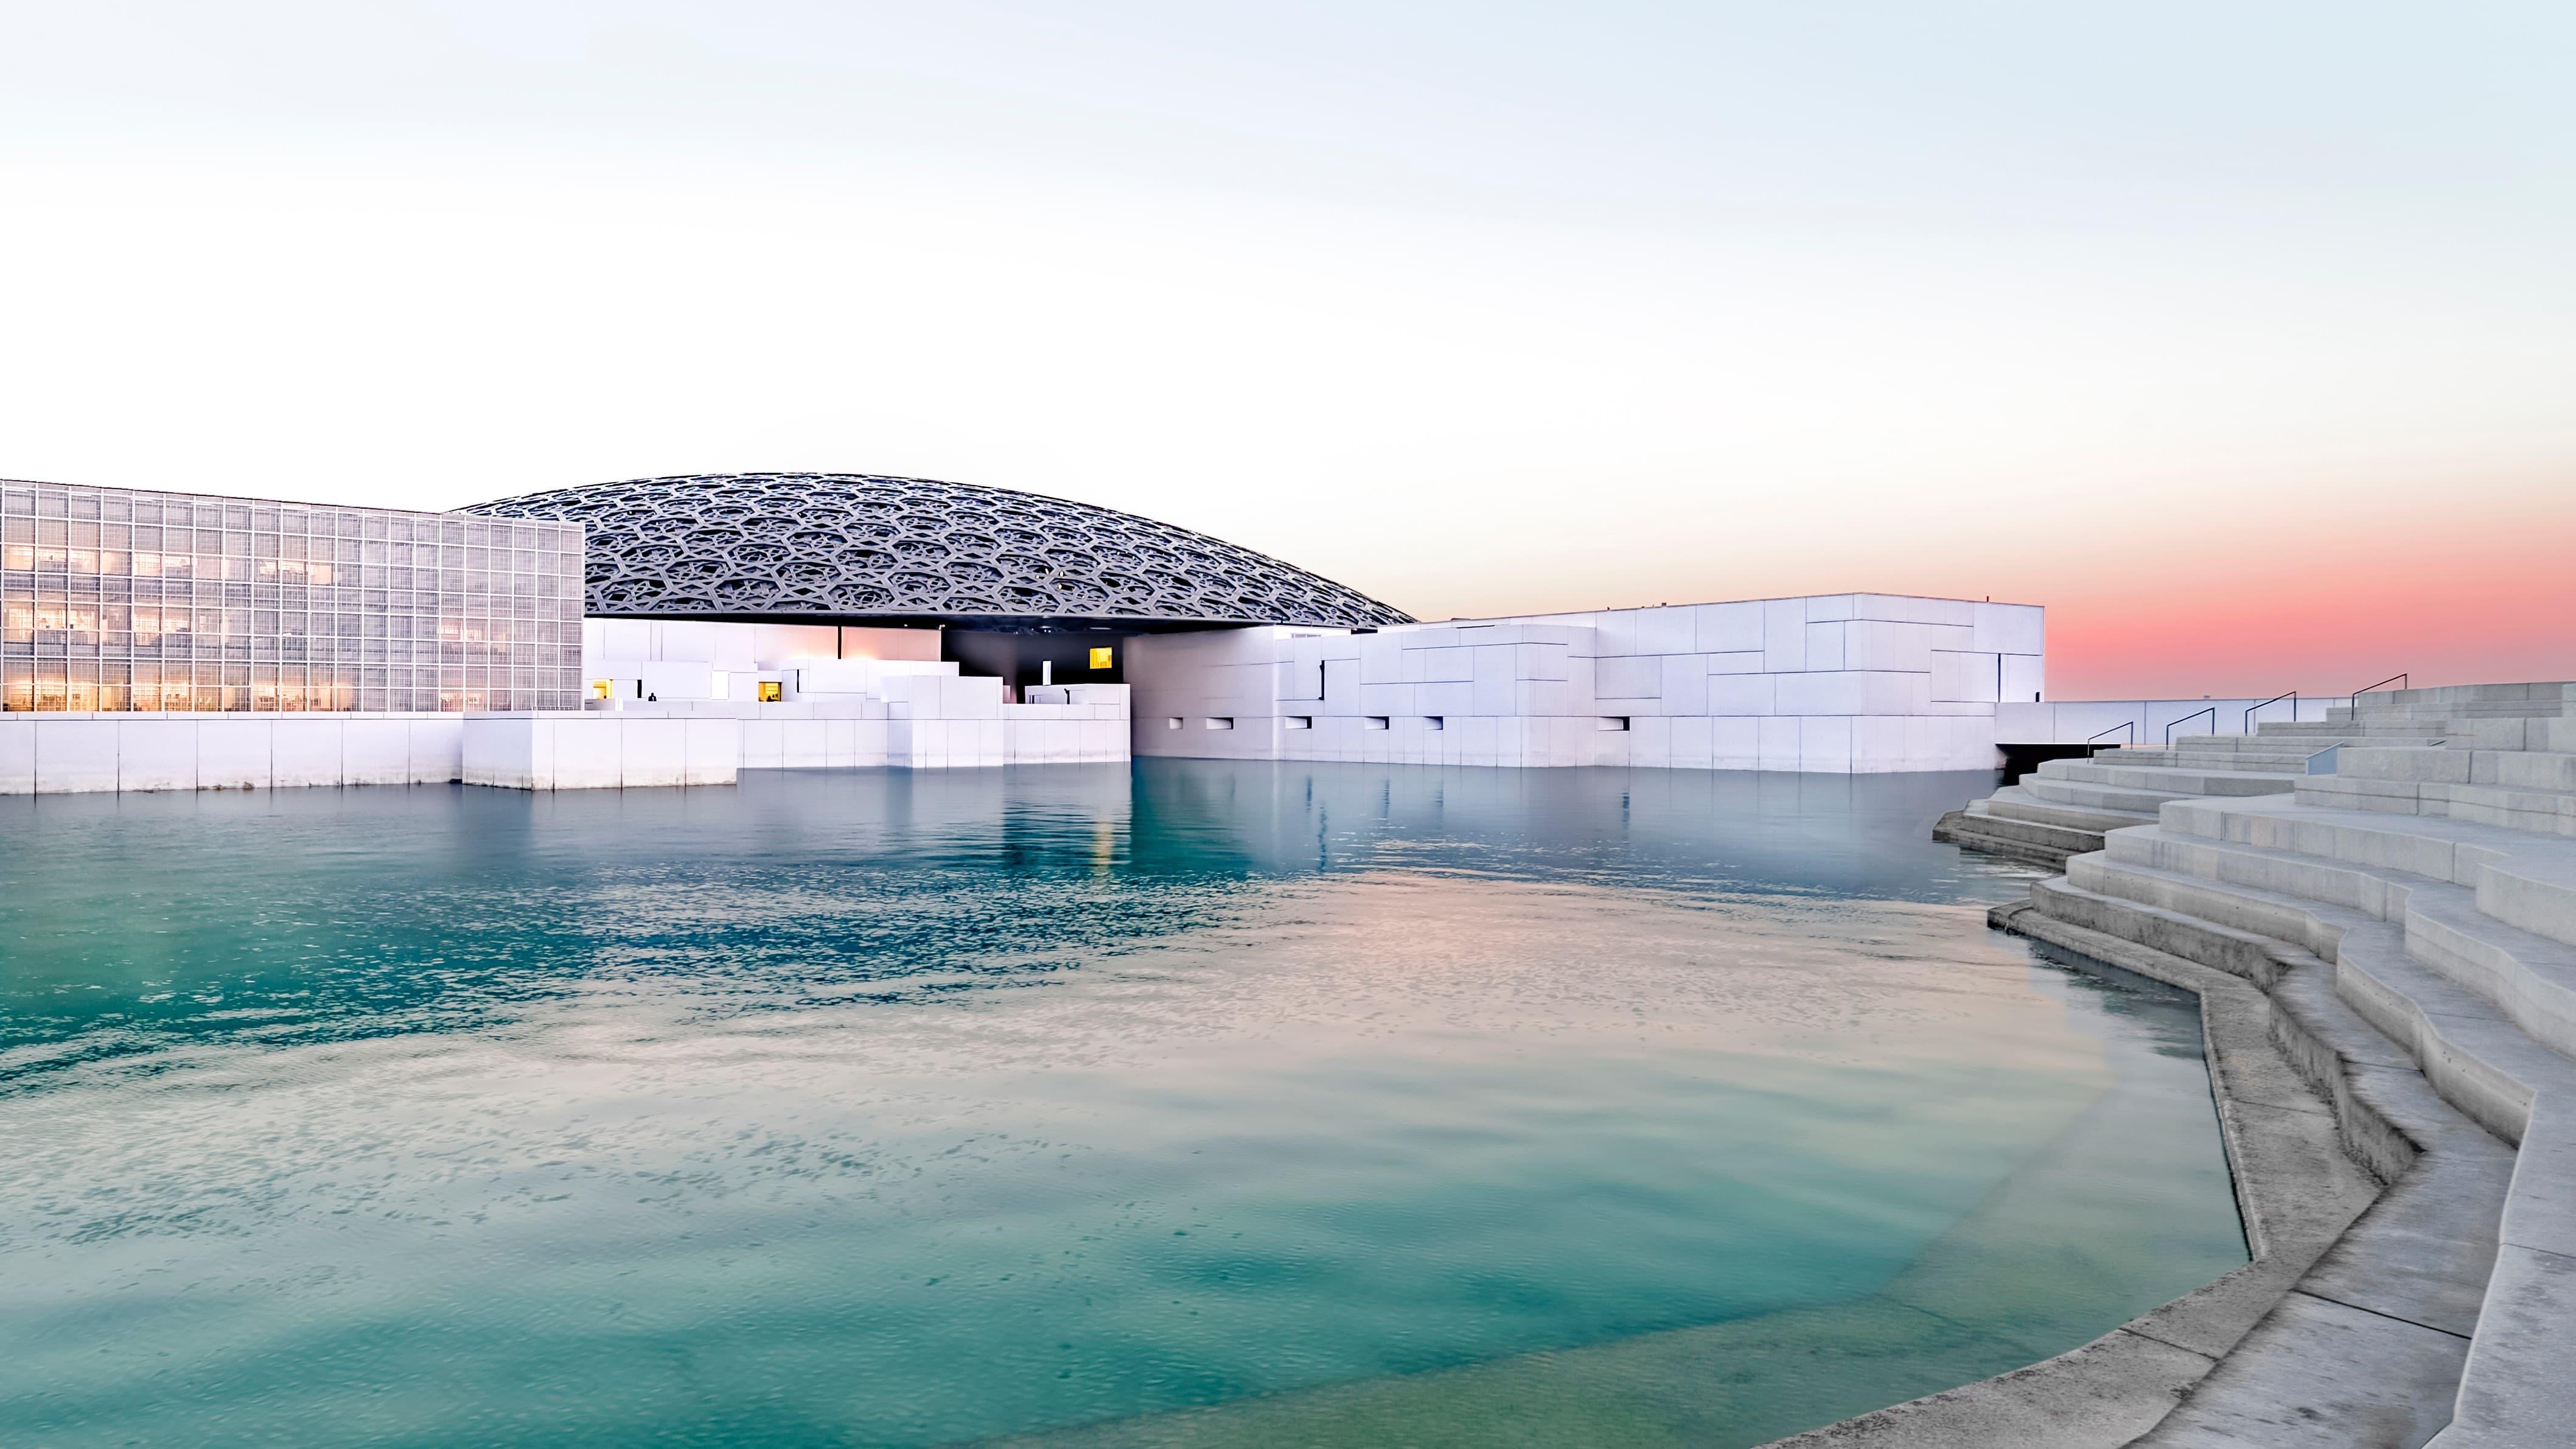 Louvre Abu Dhabi, Beyond by Seawings. Dubai weekend getaway